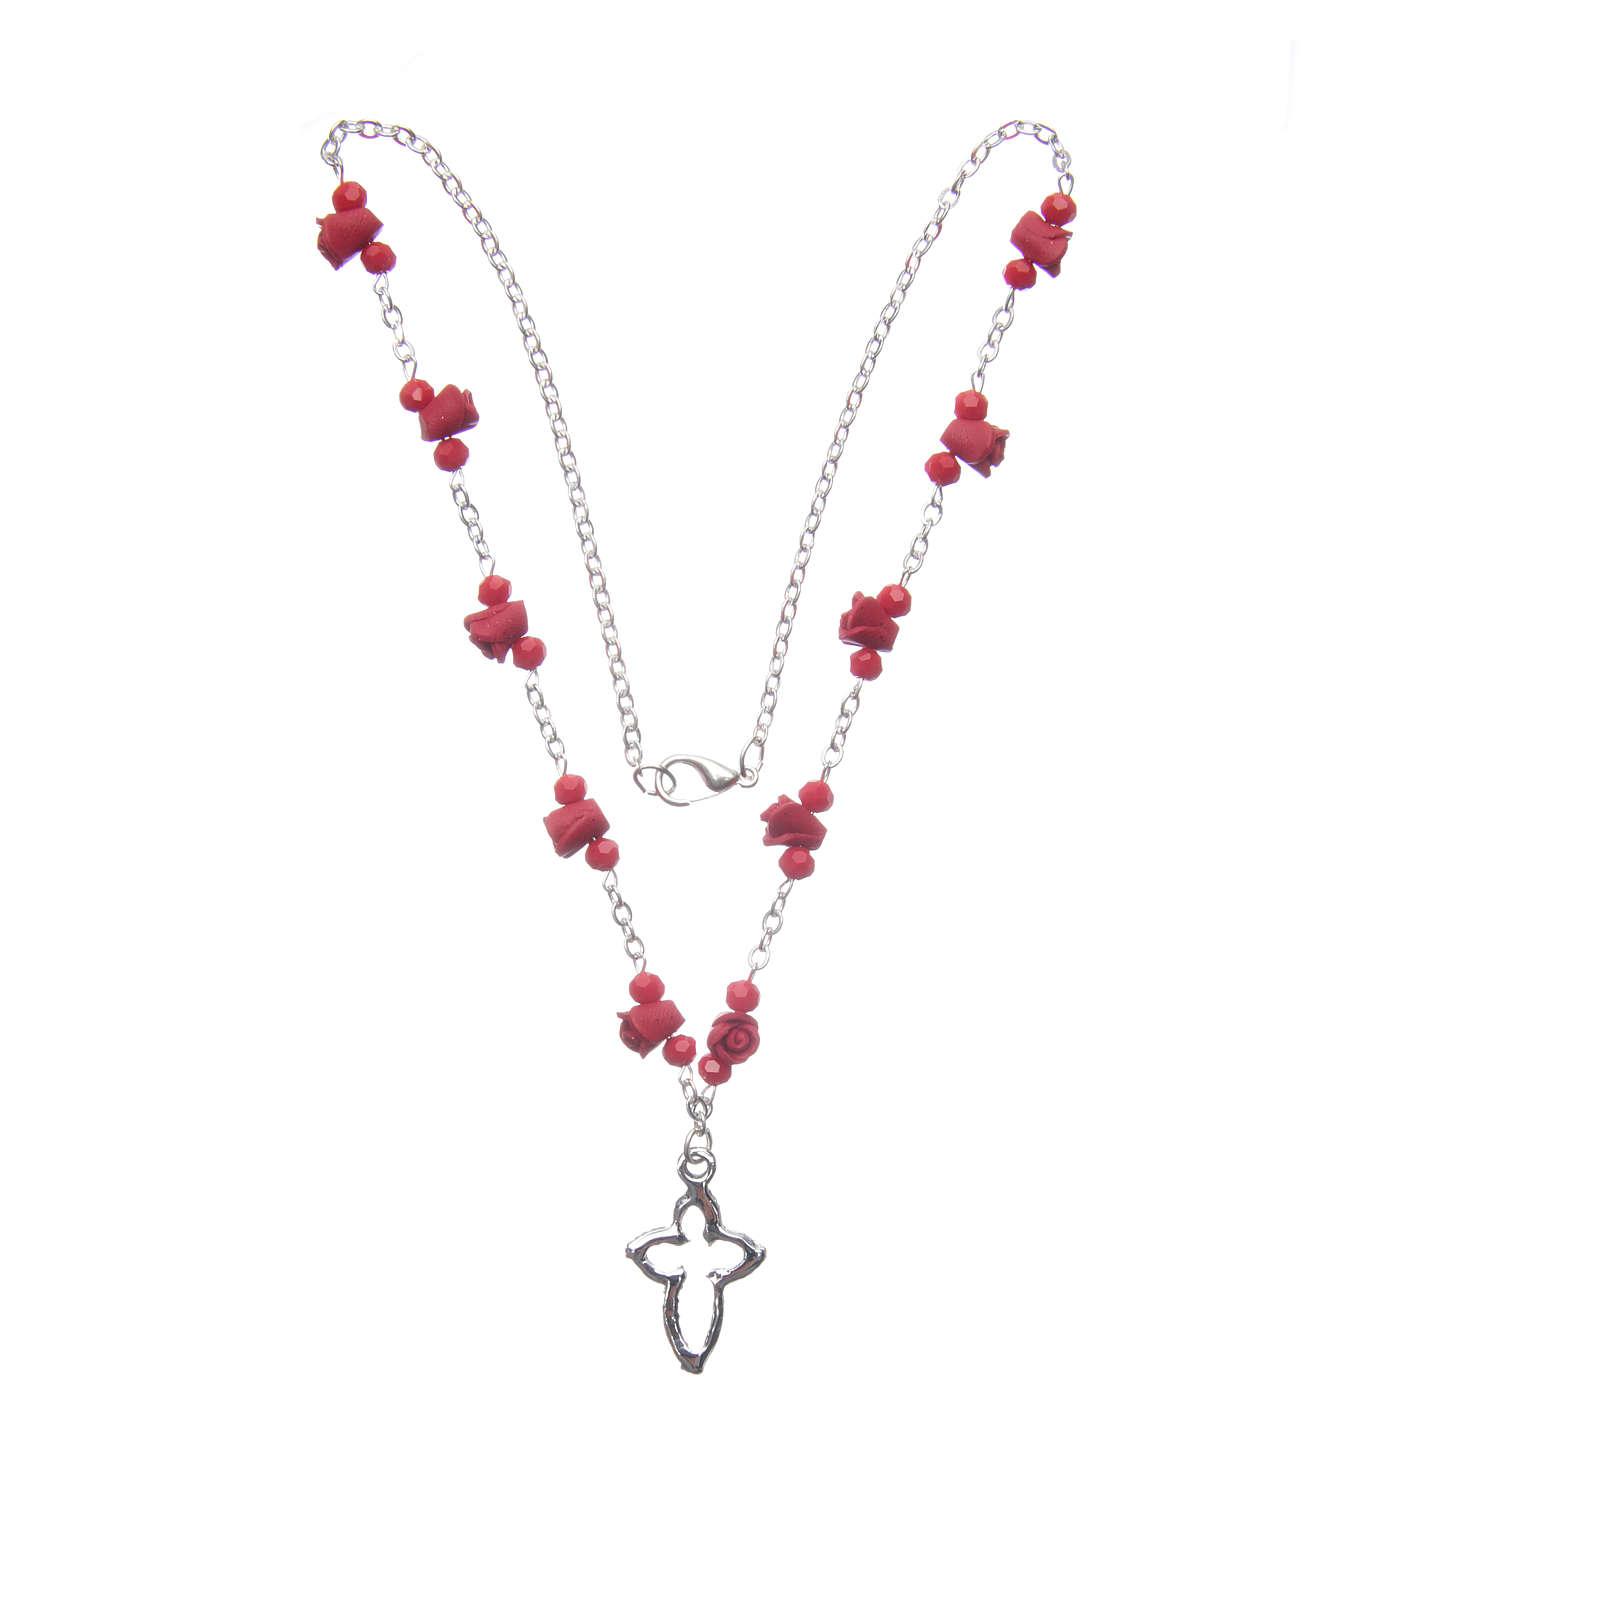 Collar rosario Medjugorje rosas cerámica cuentas cristal rojo 4